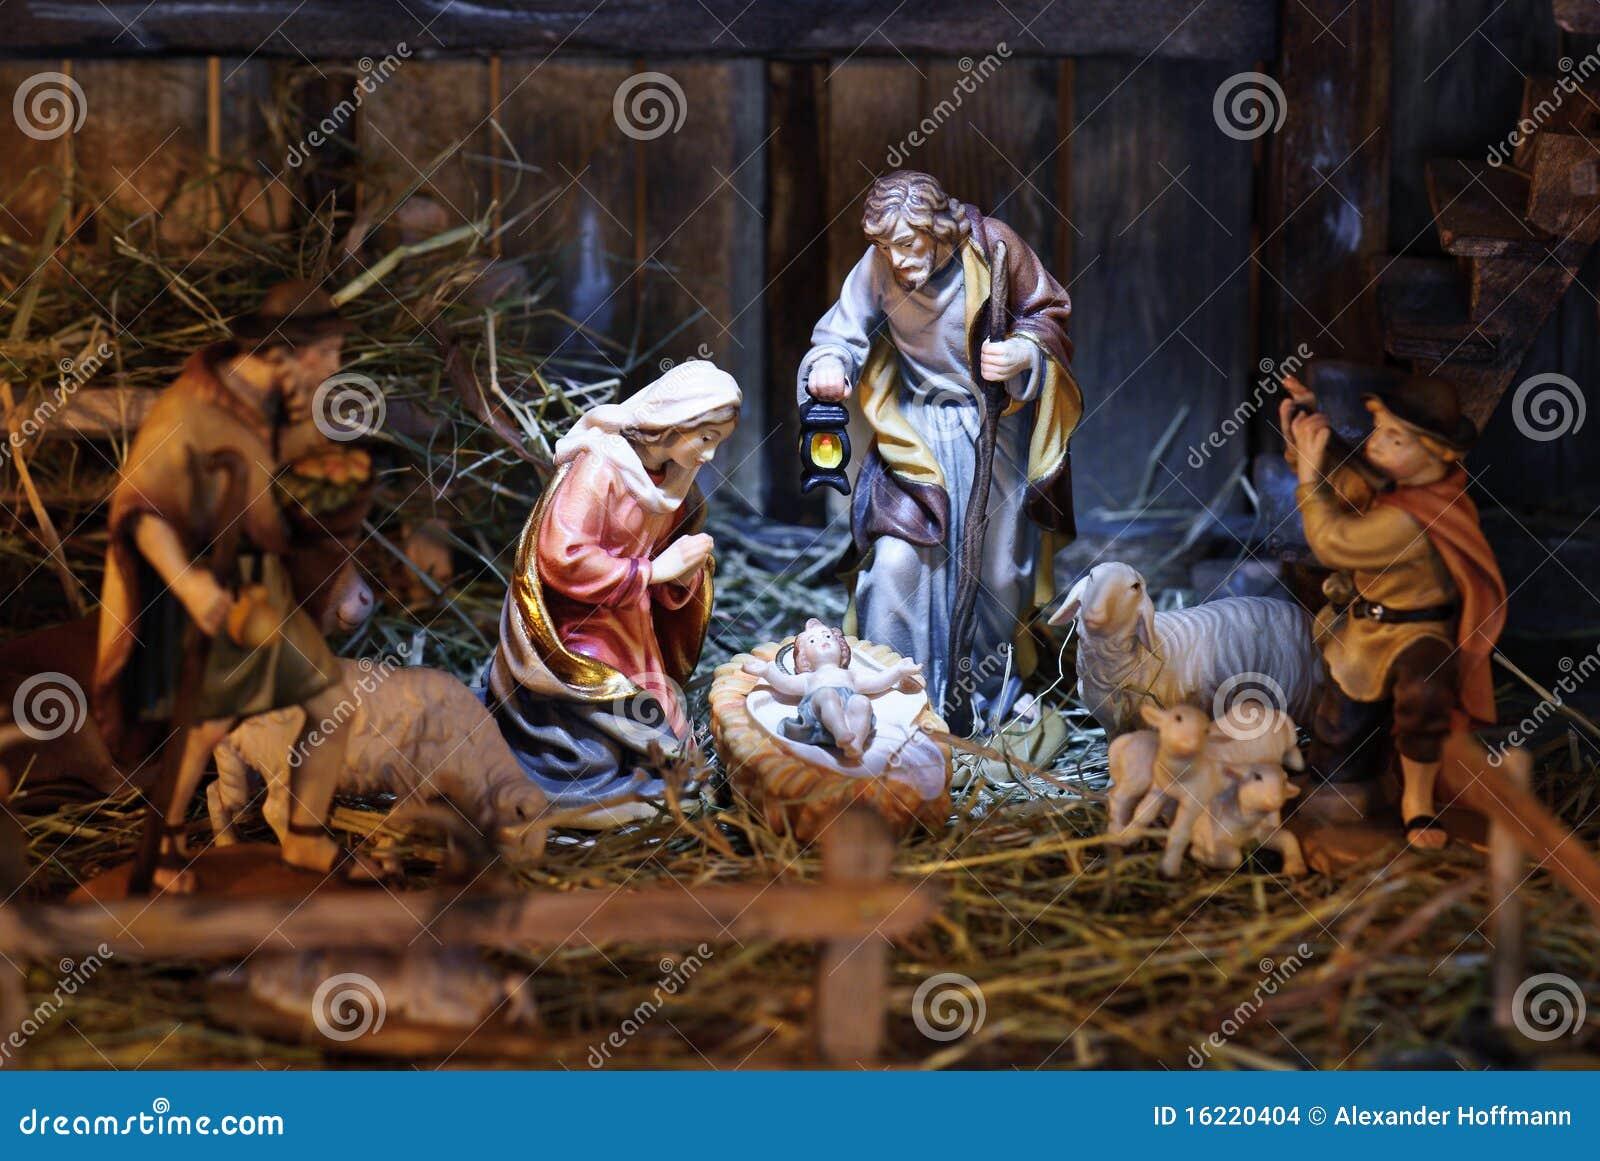 Escena de la natividad